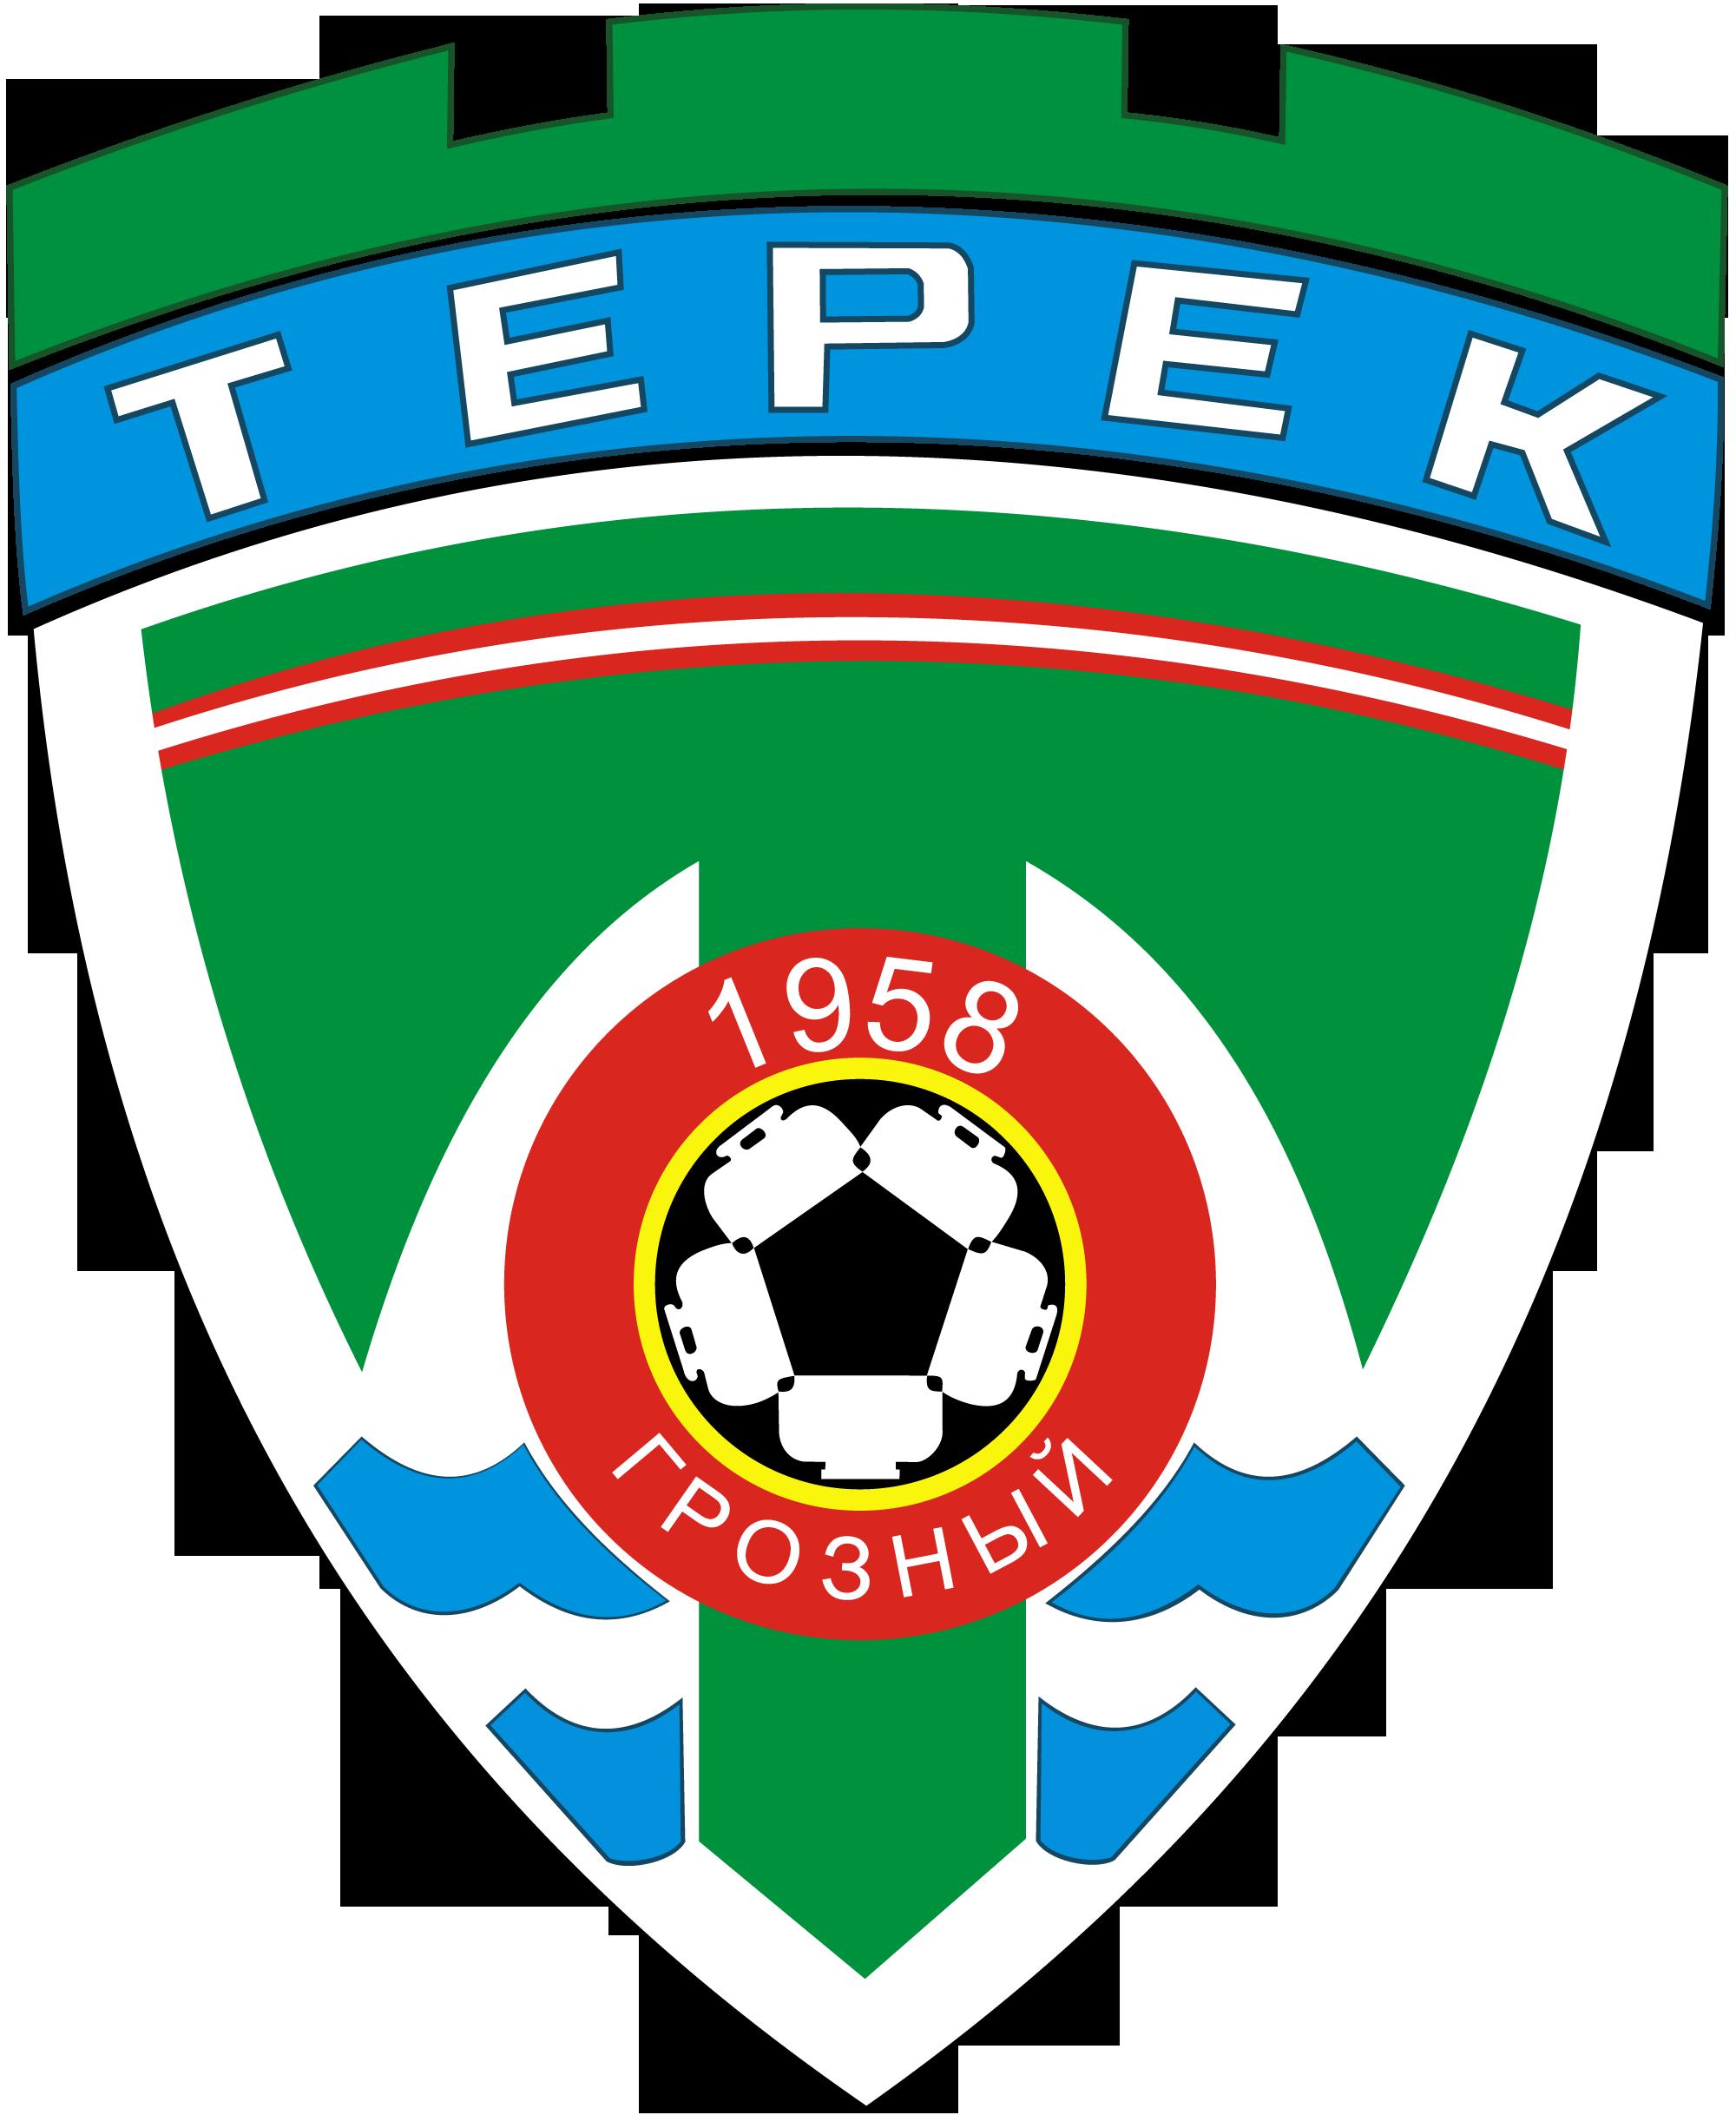 Эмблема клуба терек